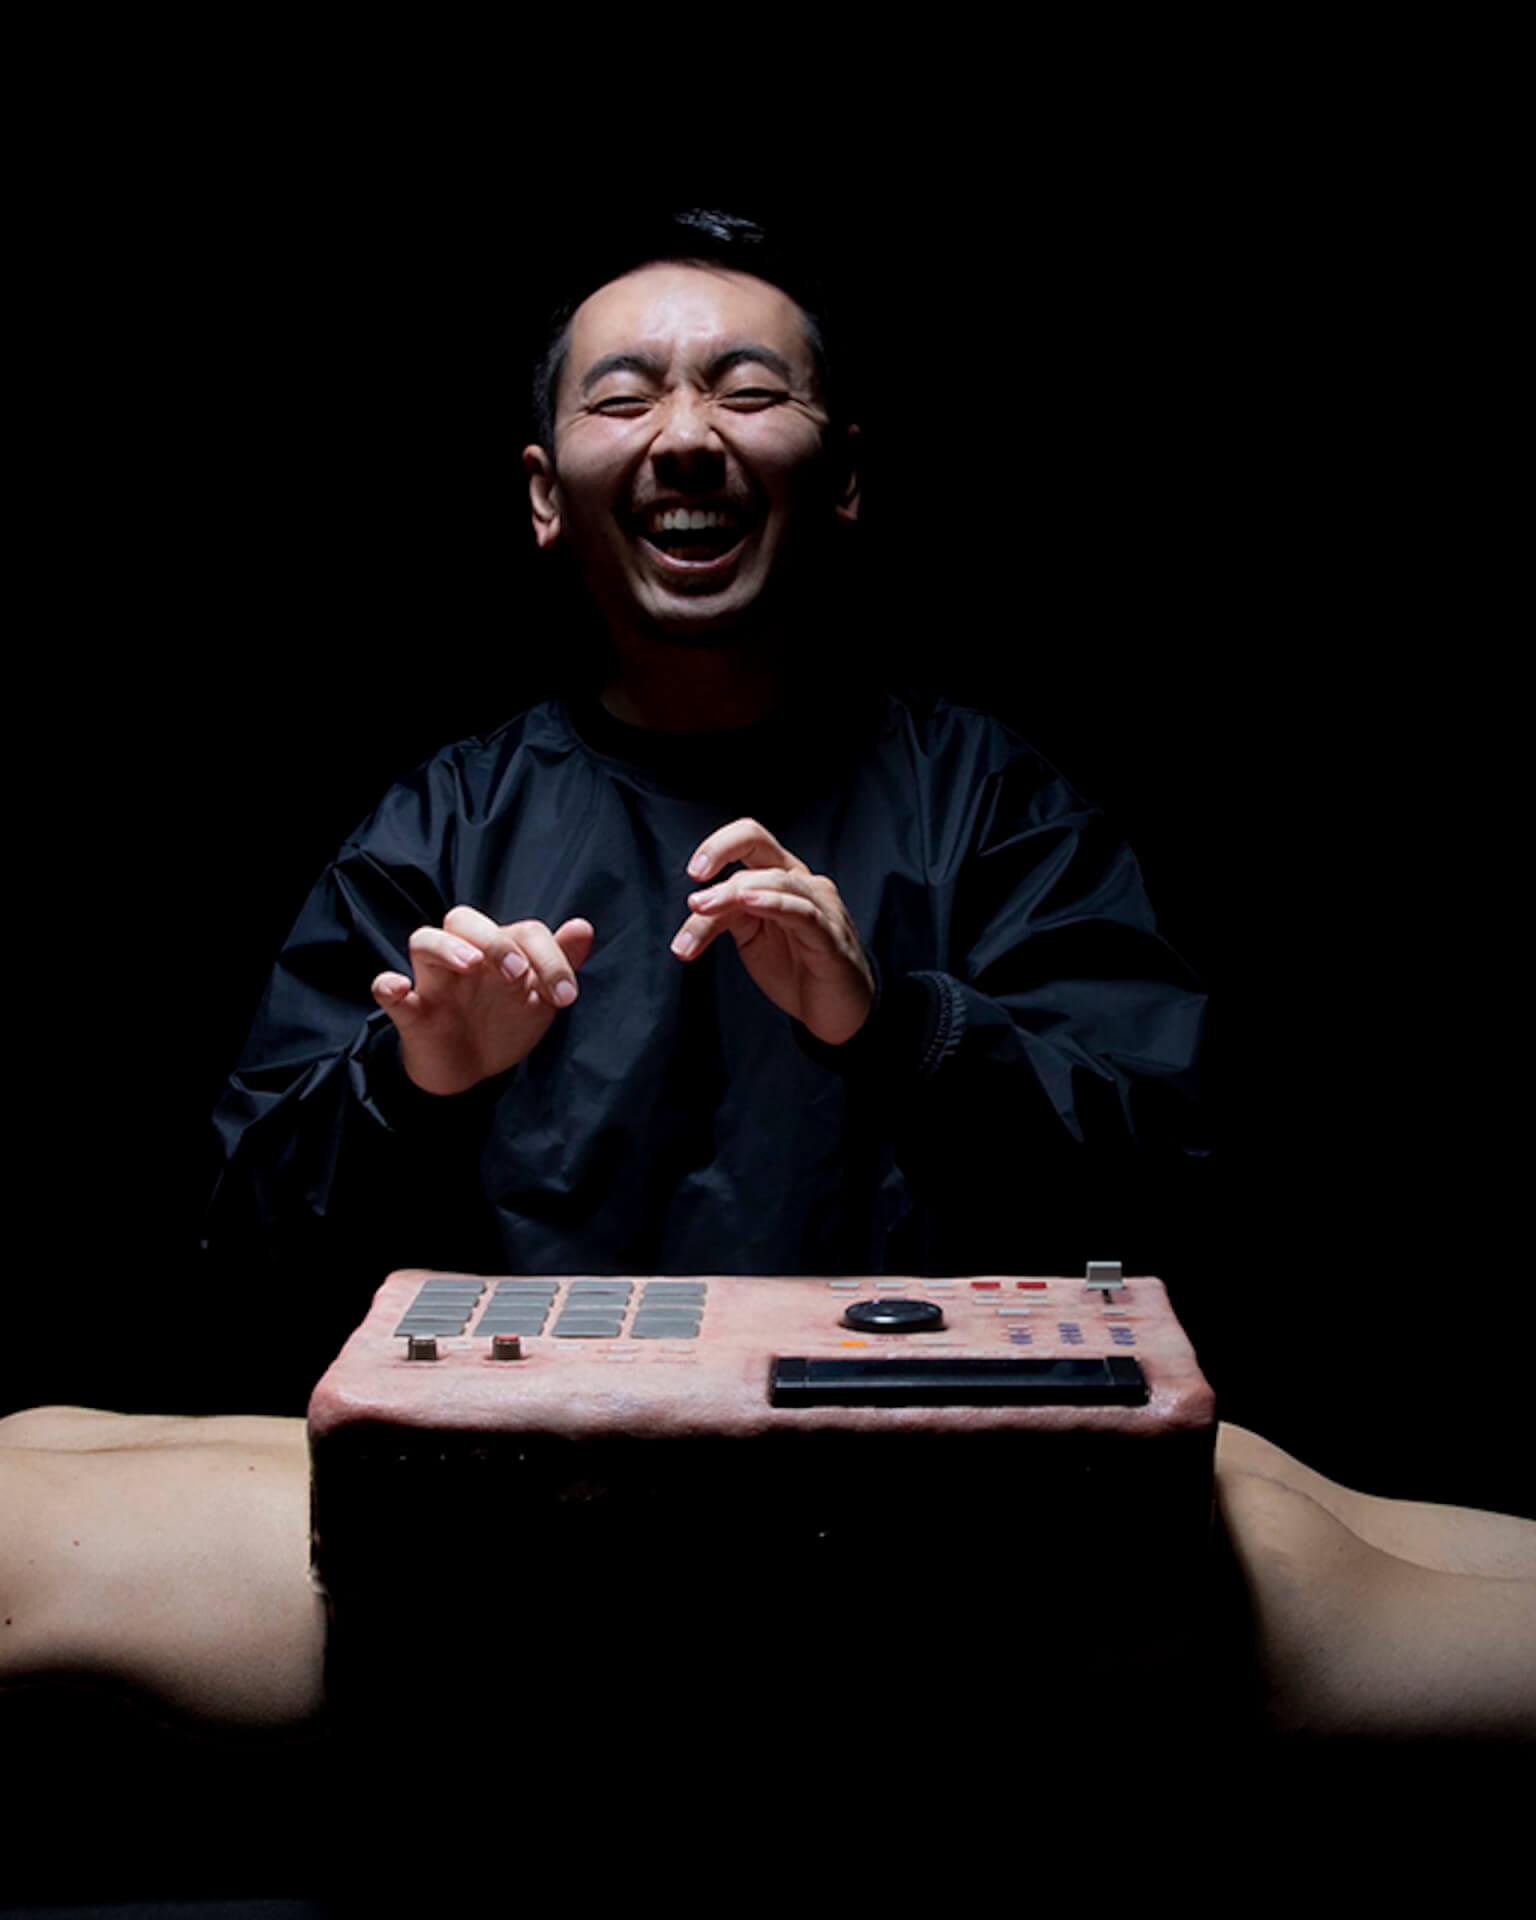 韓国内外で高い評価を受けるヒップホップ・デュオ、XXXの来日公演が開催|Campanella、Dos Monos、KΣITO、doooo、荒井優作が出演 music190712-ywx-2